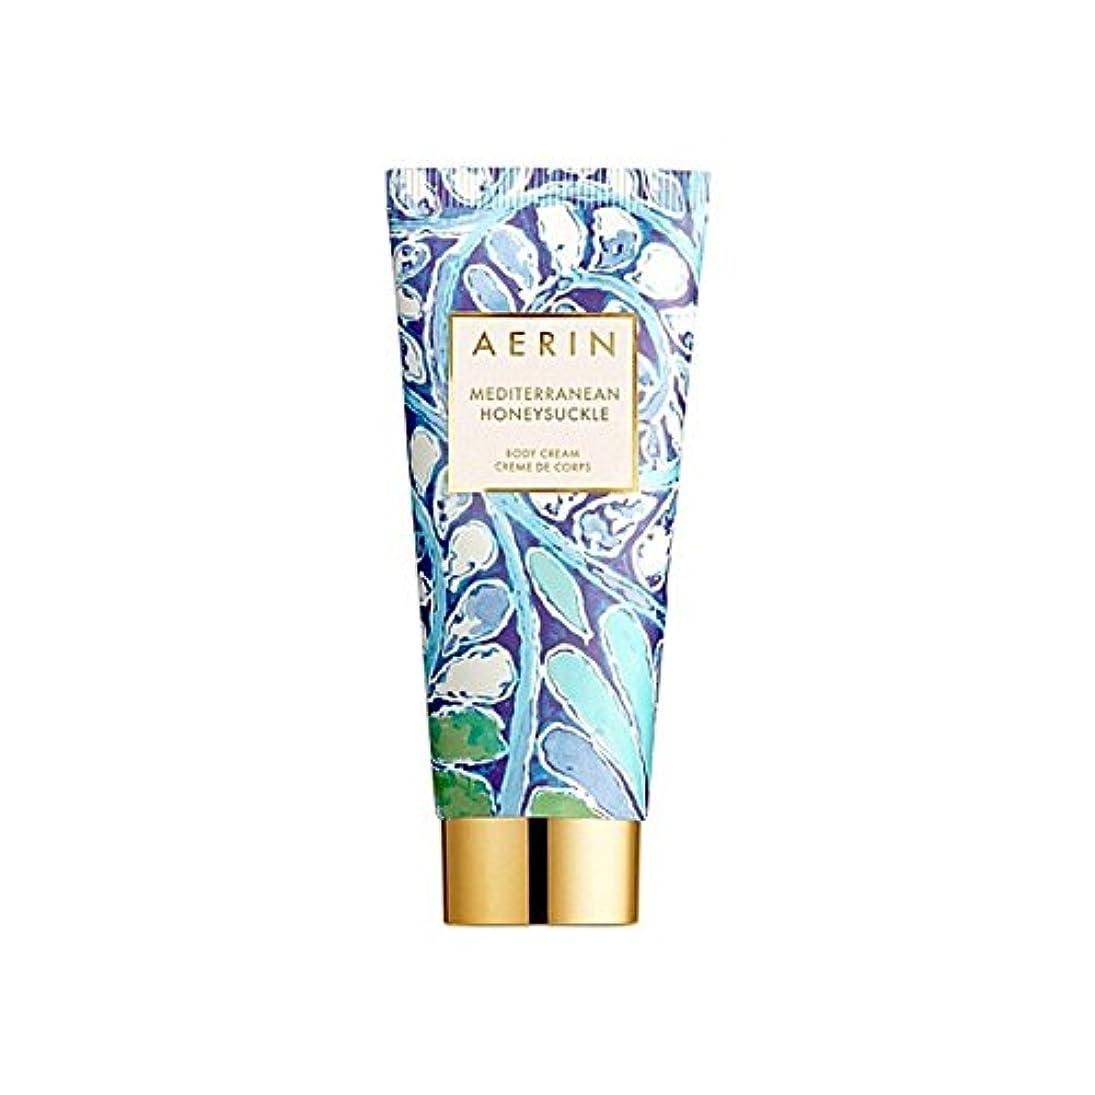 自然広まったヘクタールAerin Mediterrenean Honeysuckle Body Cream 150ml (Pack of 6) - スイカズラボディクリーム150ミリリットル x6 [並行輸入品]